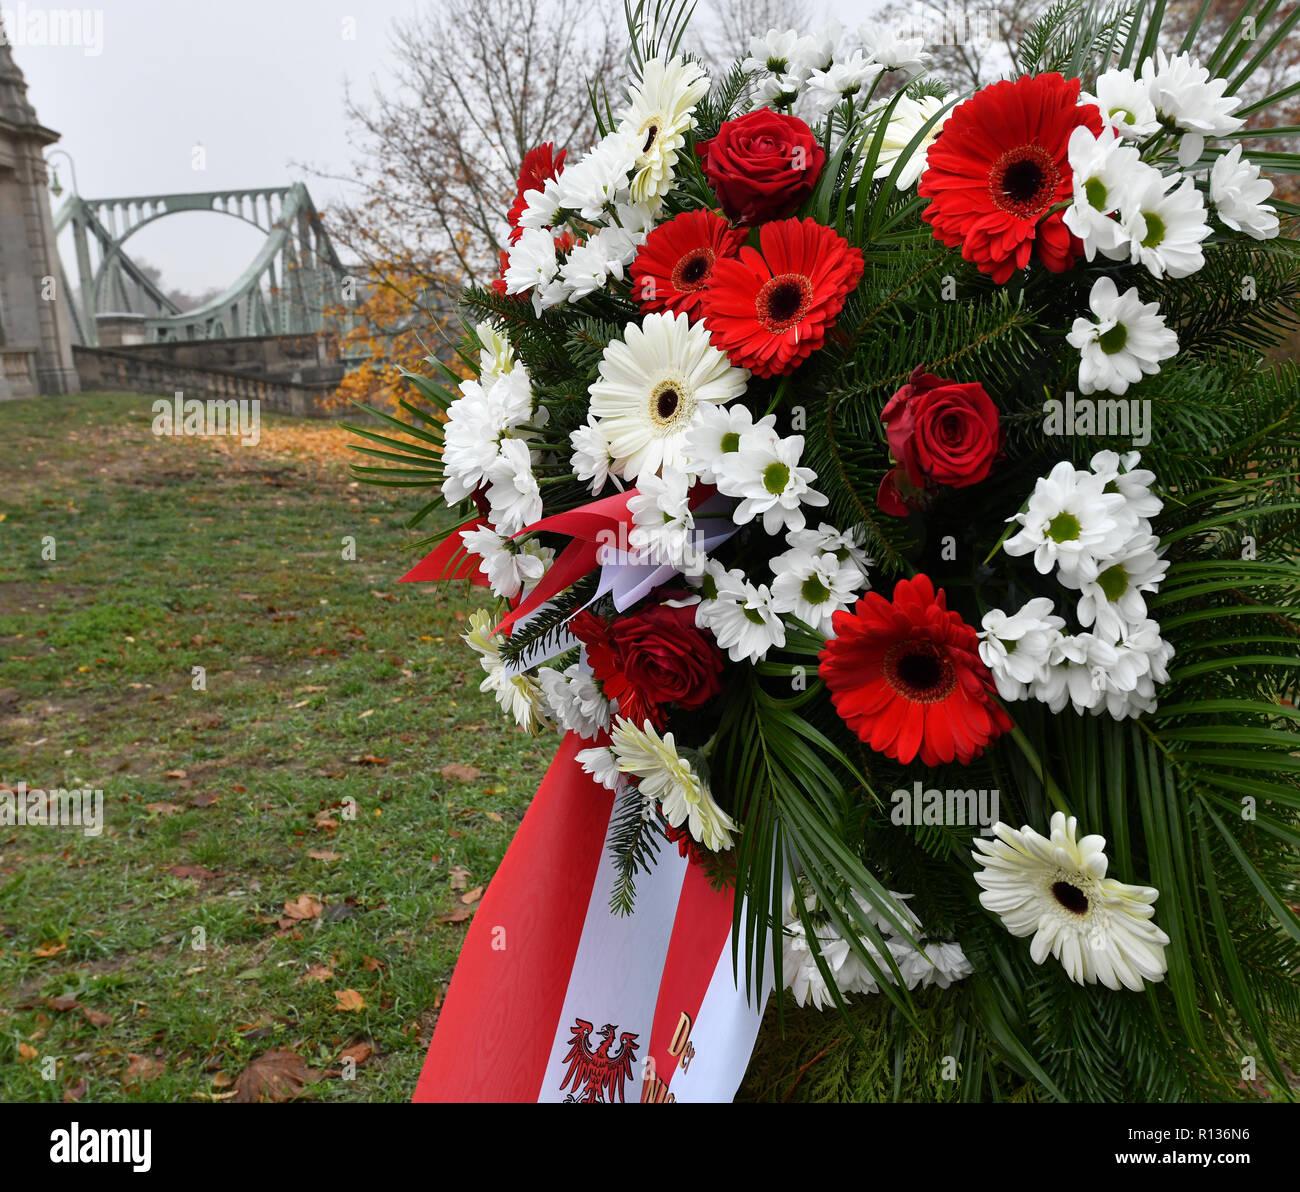 Potsdam, Germania. 09Nov, 2018. In occasione del 29° anniversario della caduta del muro di Berlino, una corona si trova presso il ponte di Glienicke. Credito: Bernd Settnik/dpa-Zentralbild/dpa/Alamy Live News Immagini Stock